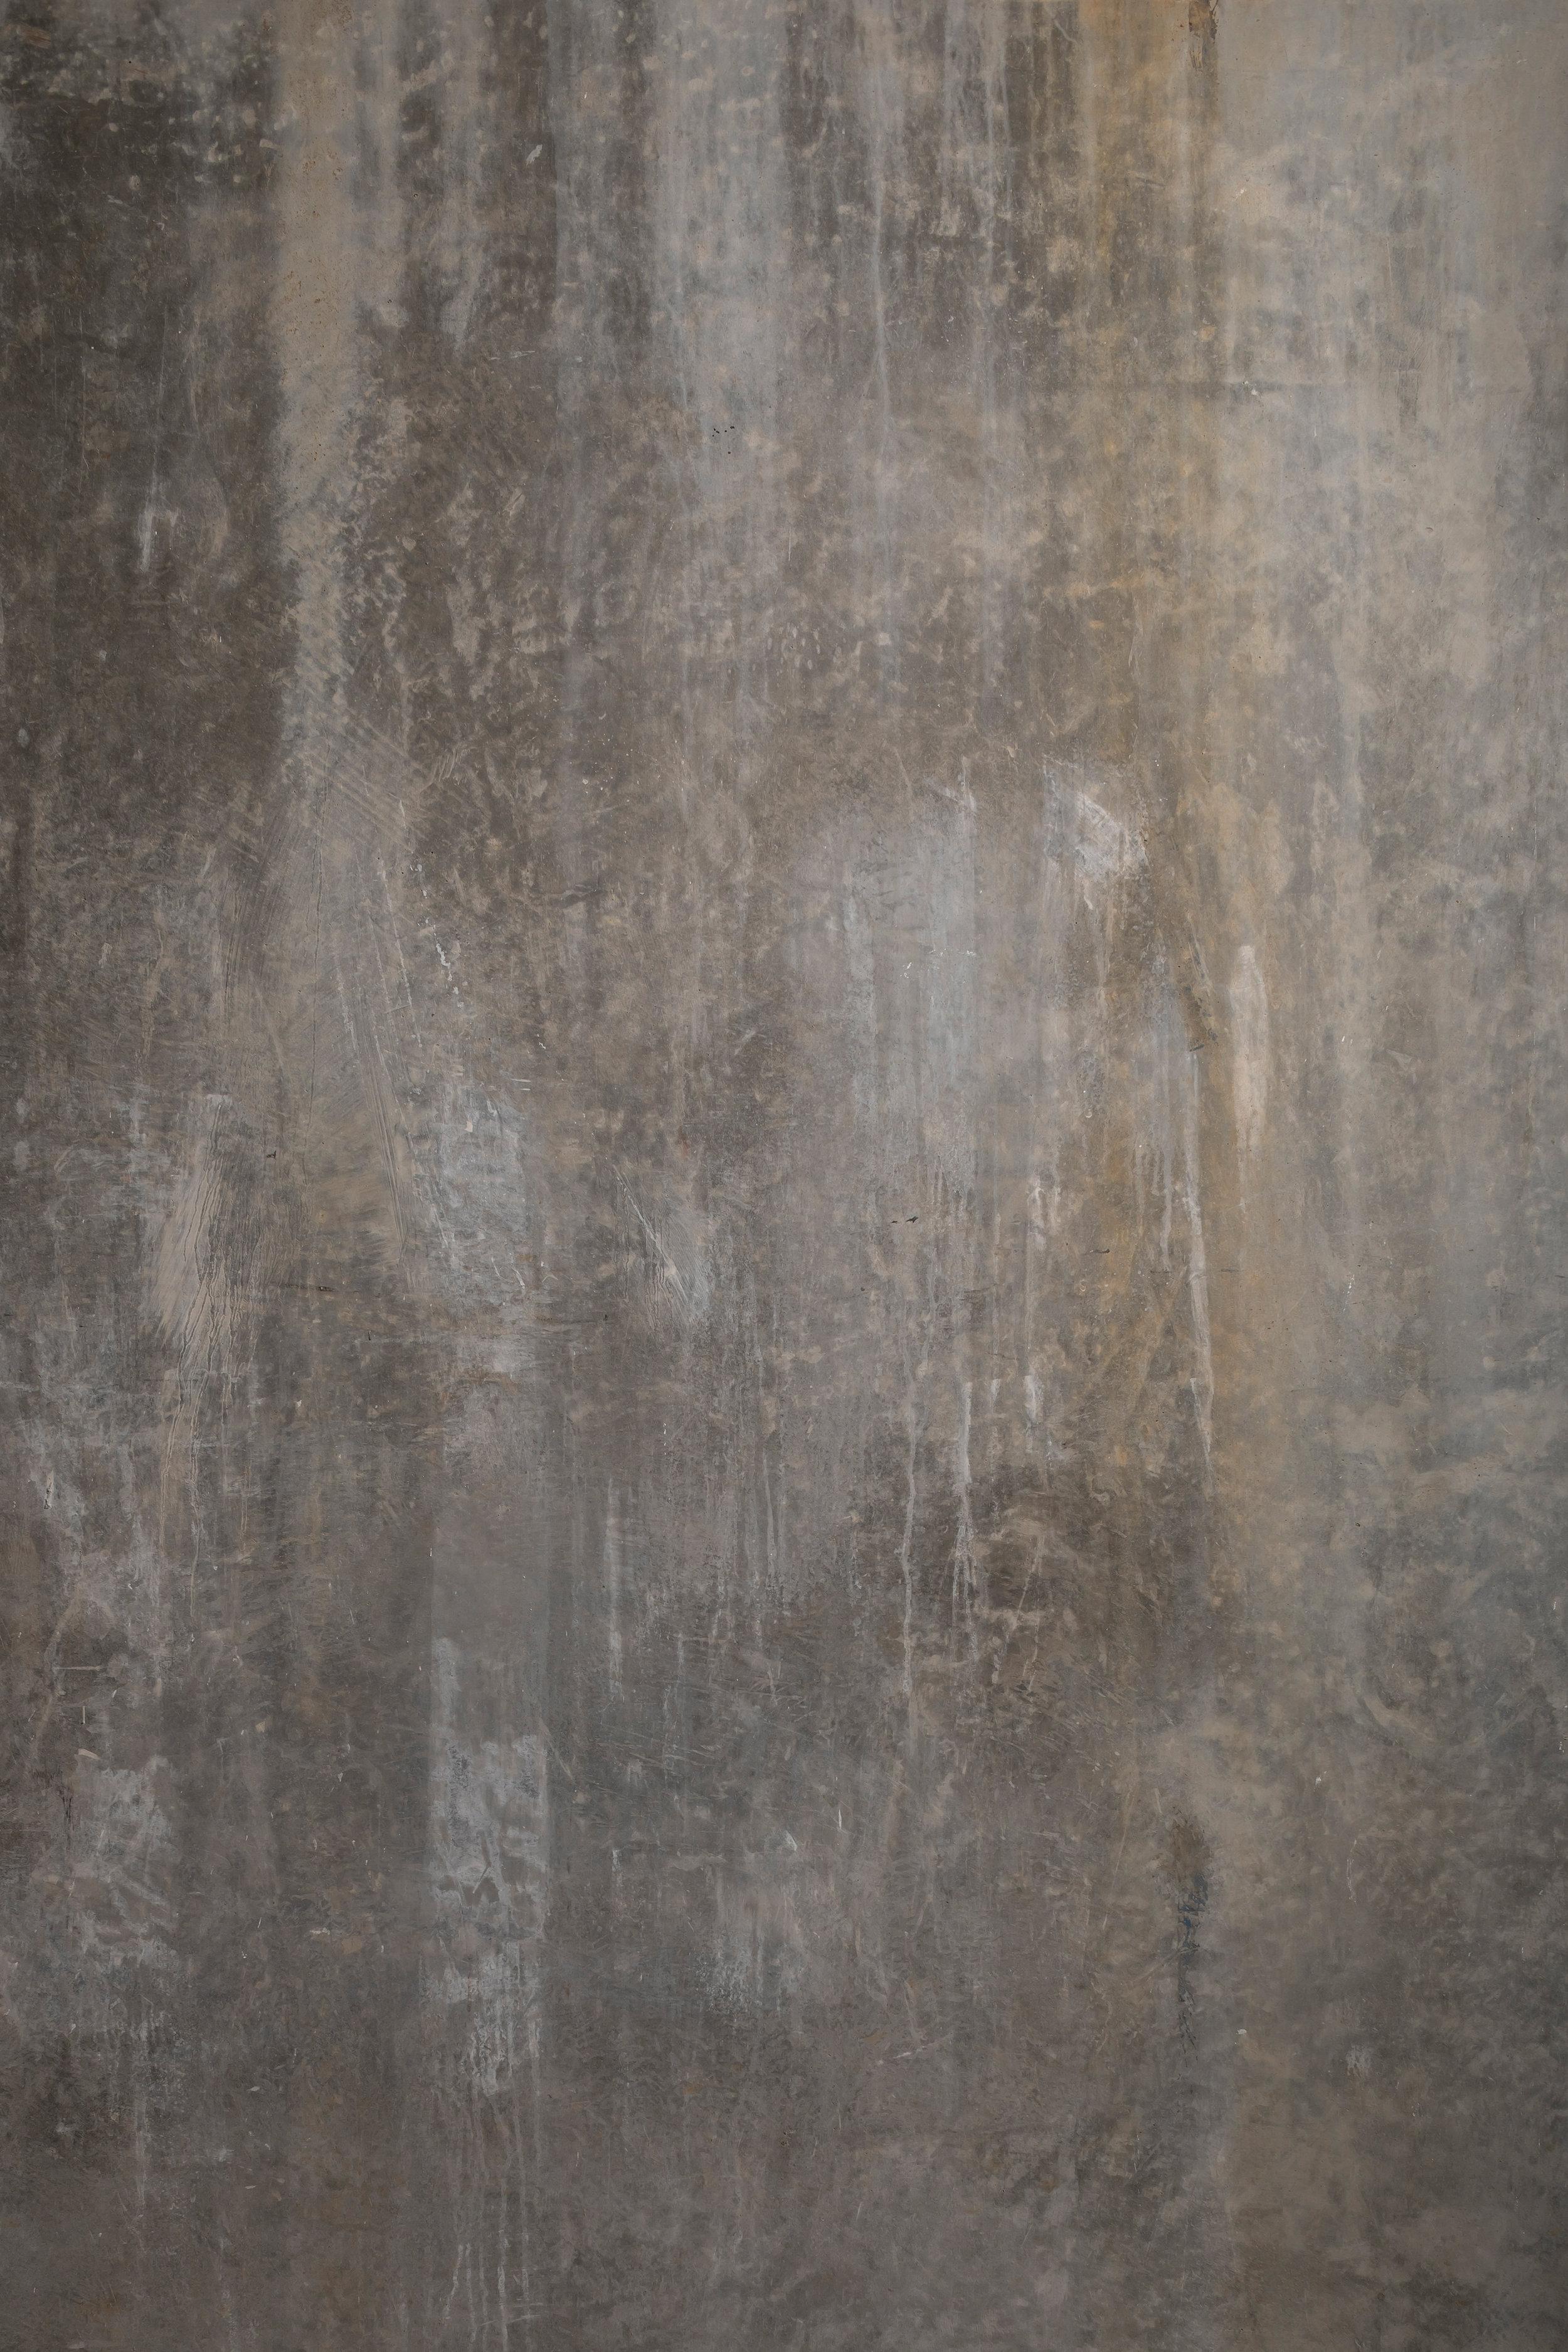 L0_Detail_Concrete_2915.jpg